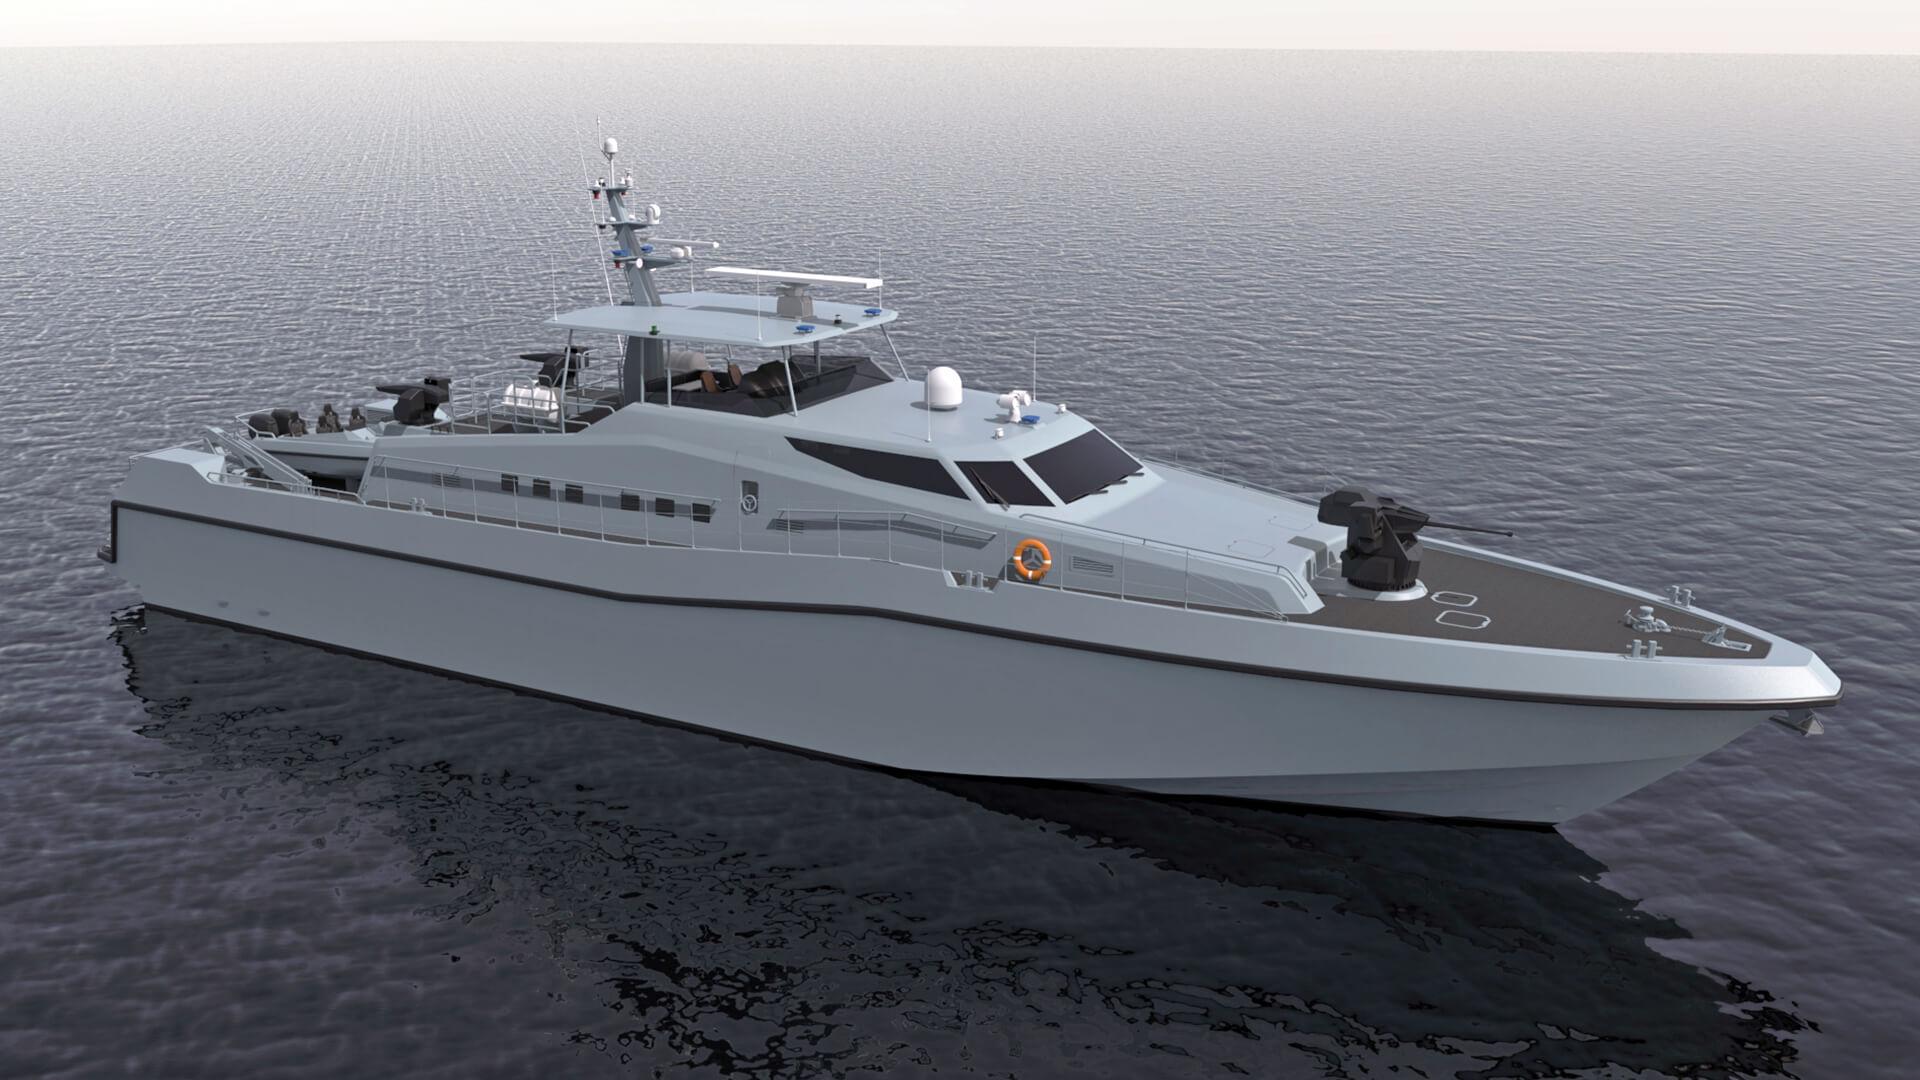 images/vessels/01-patrol-craft/02-series-hercules/03-ares-125-hercules/01.jpg